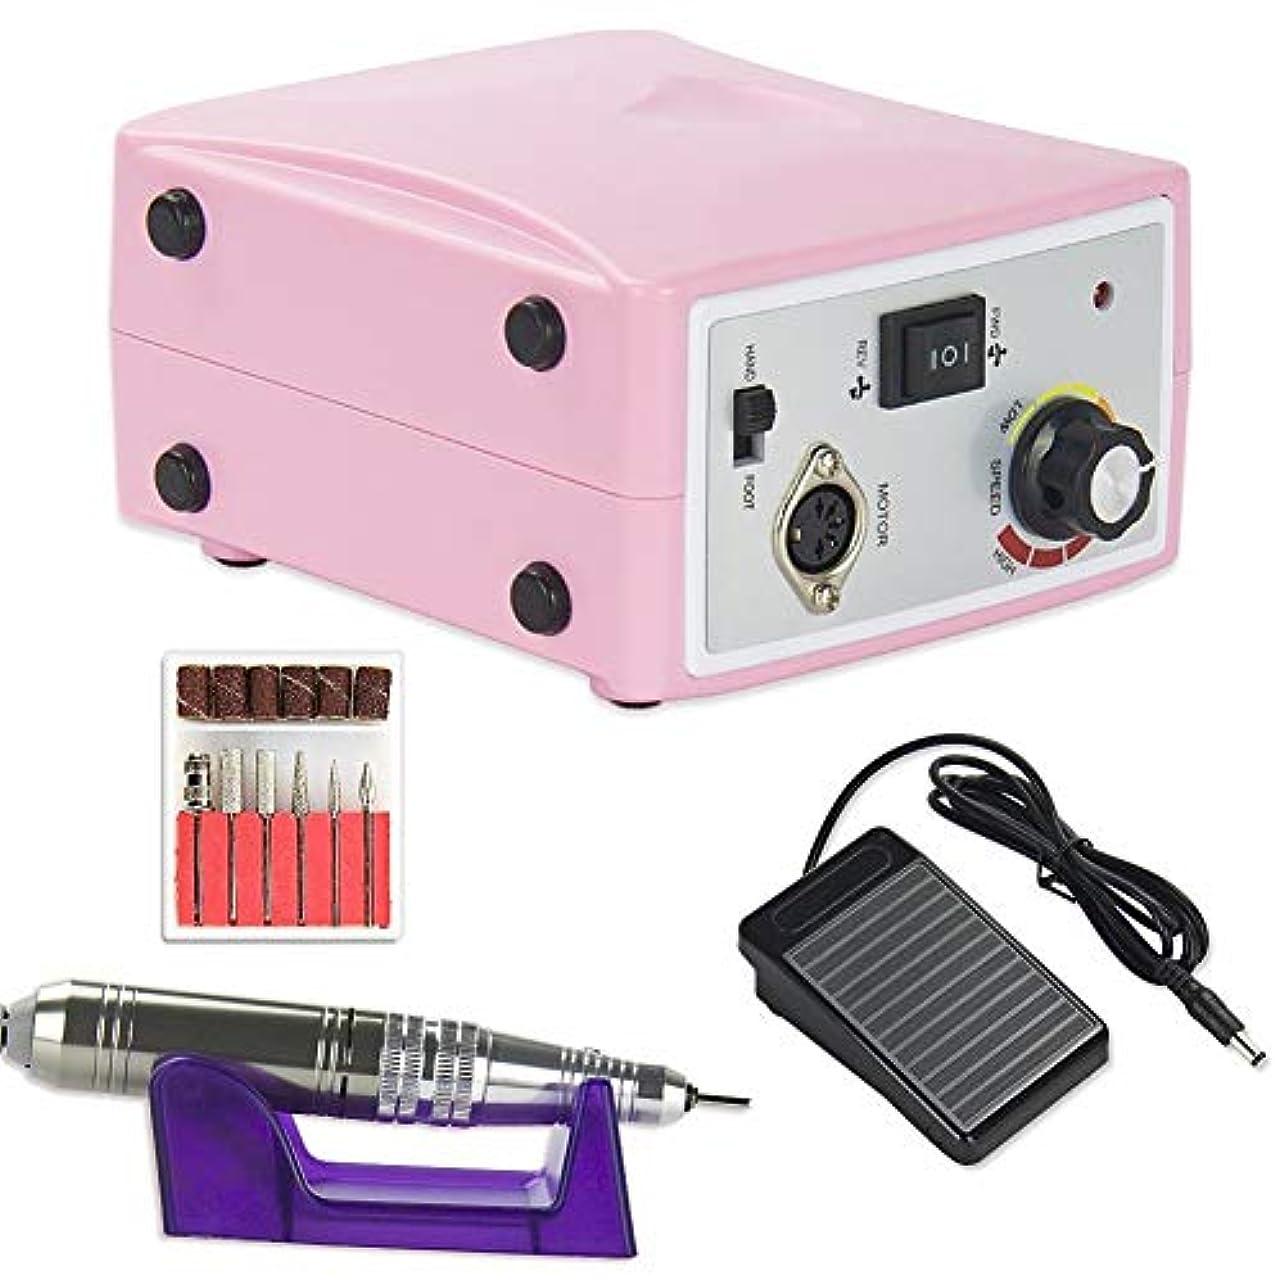 チャームエレガントピンチ釘のドリル機械アクリルの釘のピンク30,000RPMのための電気釘ファイルマニキュアのペディキュアドリル